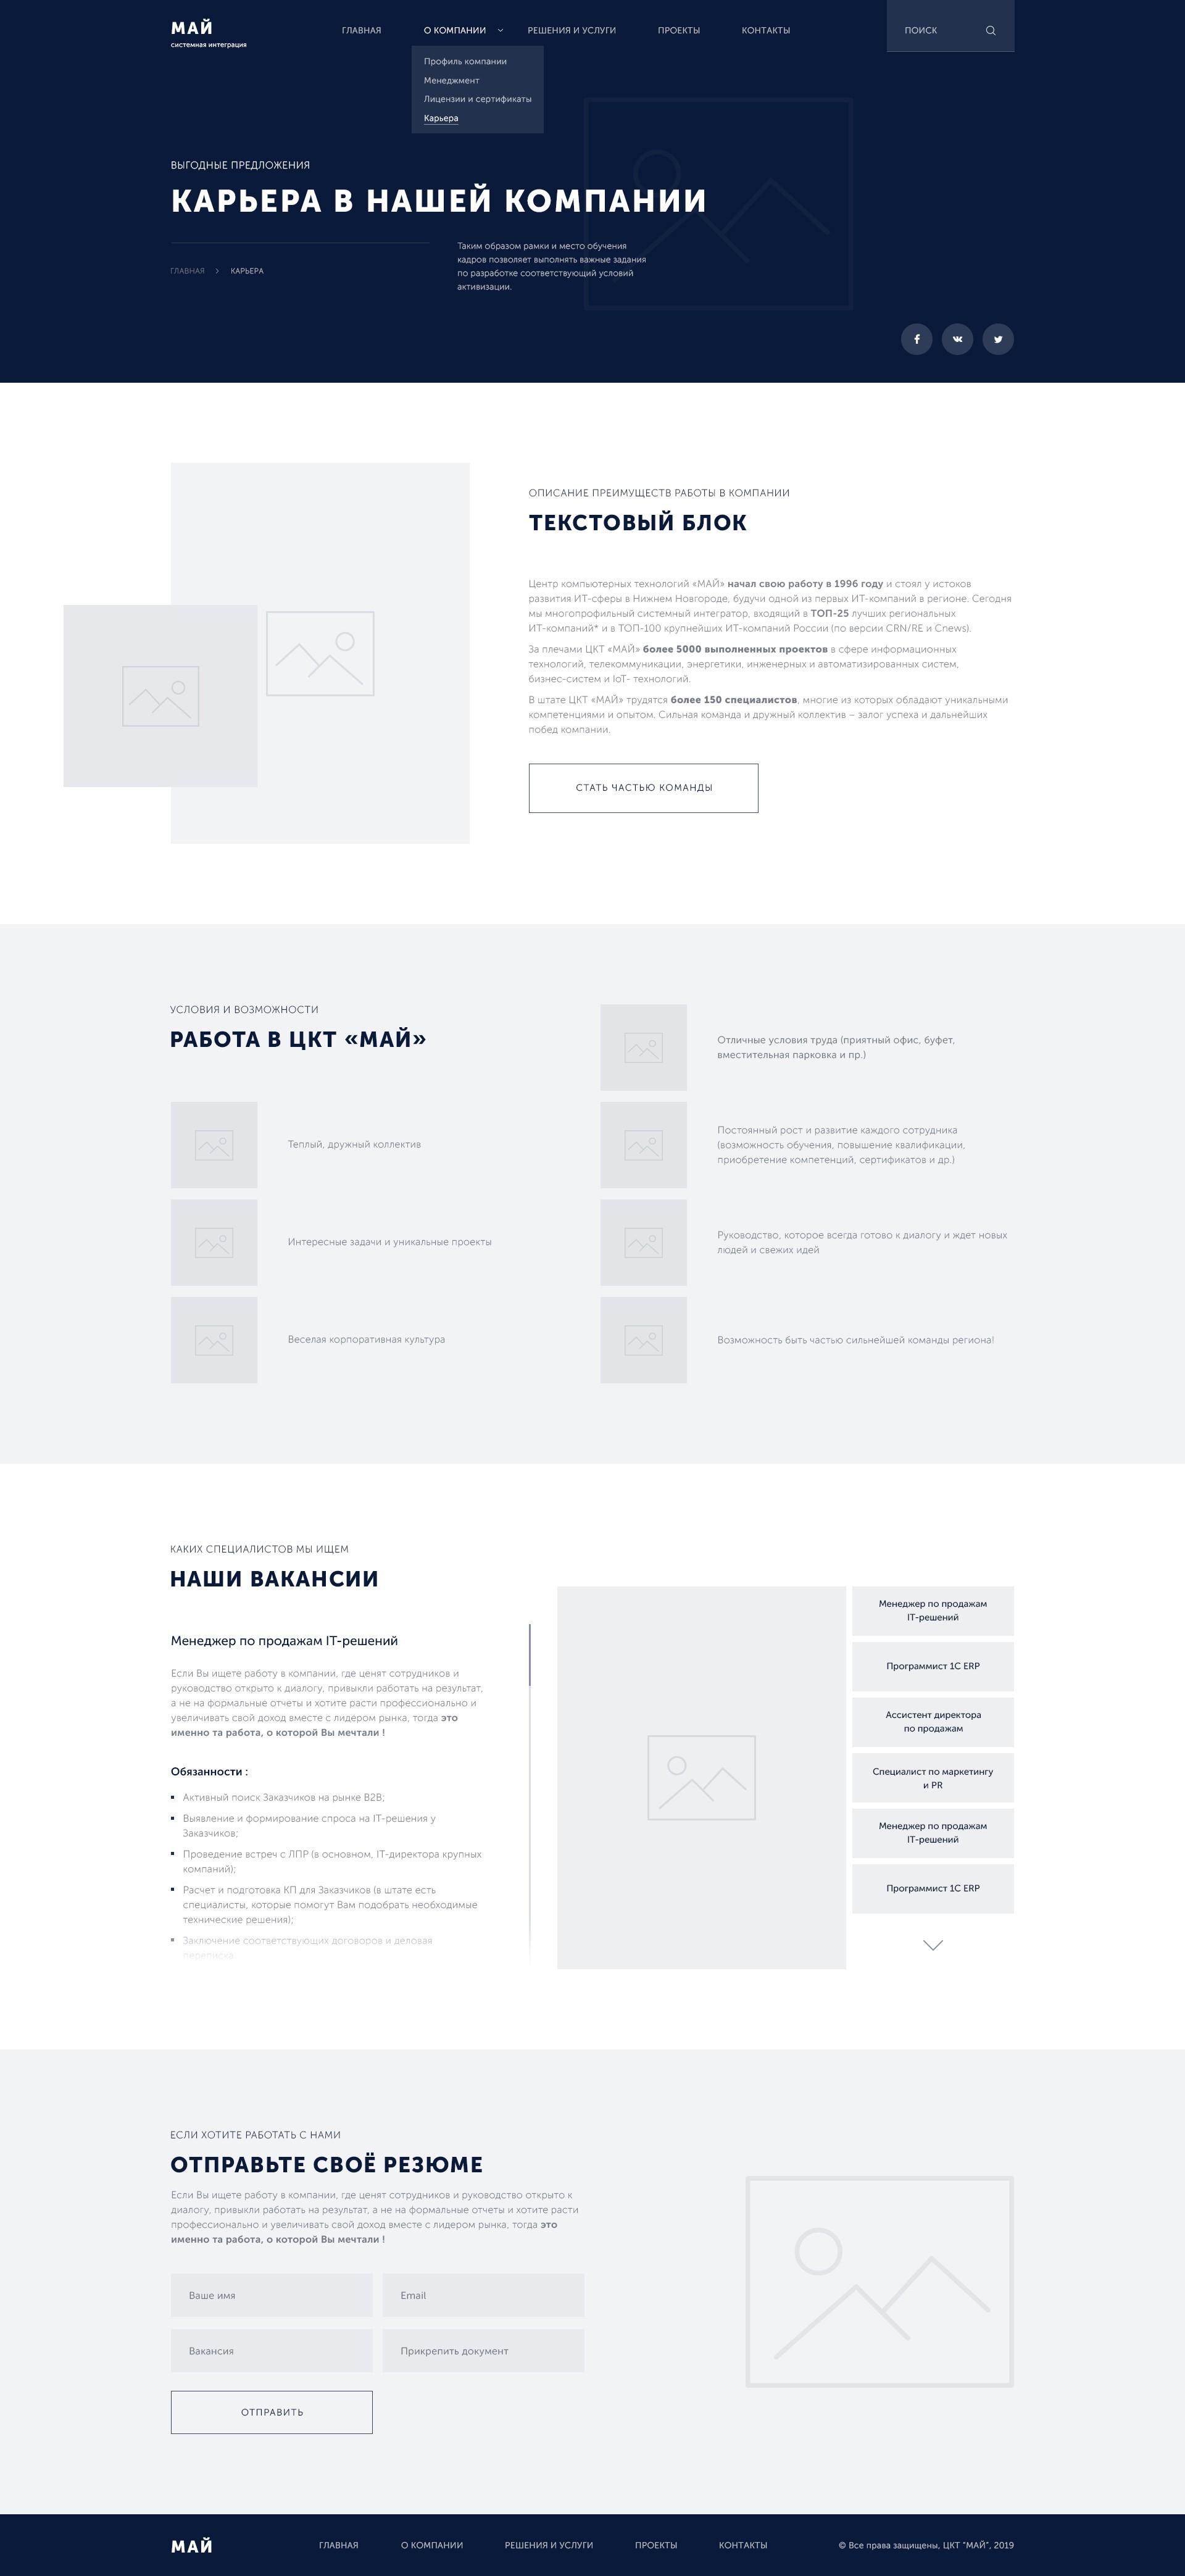 CKT_MAI_Prototype_Career_01